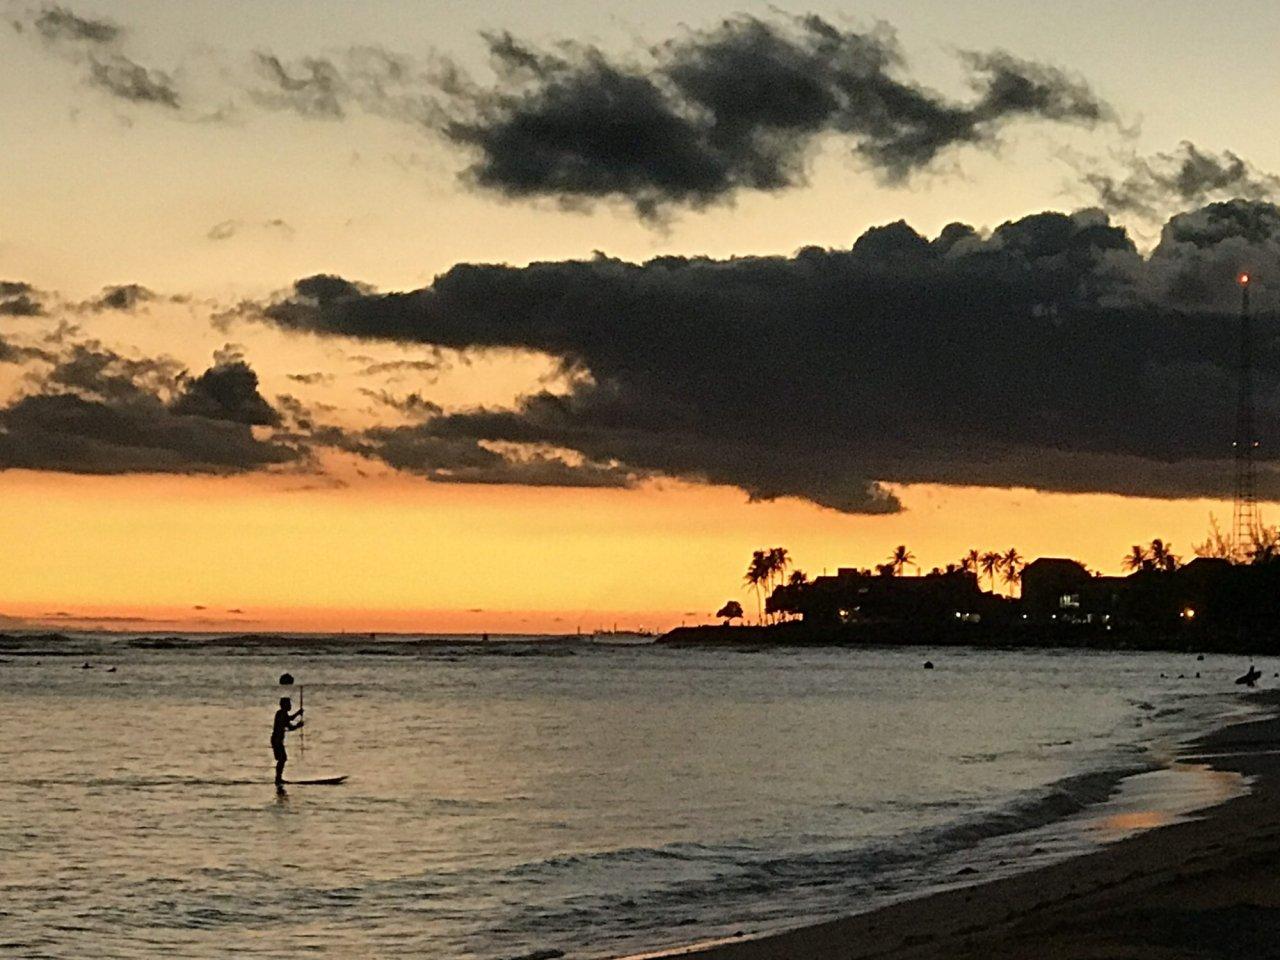 帰国日も早起きしてハワイを満喫!!気持ちのいい朝はbikiでサイクリング🚲